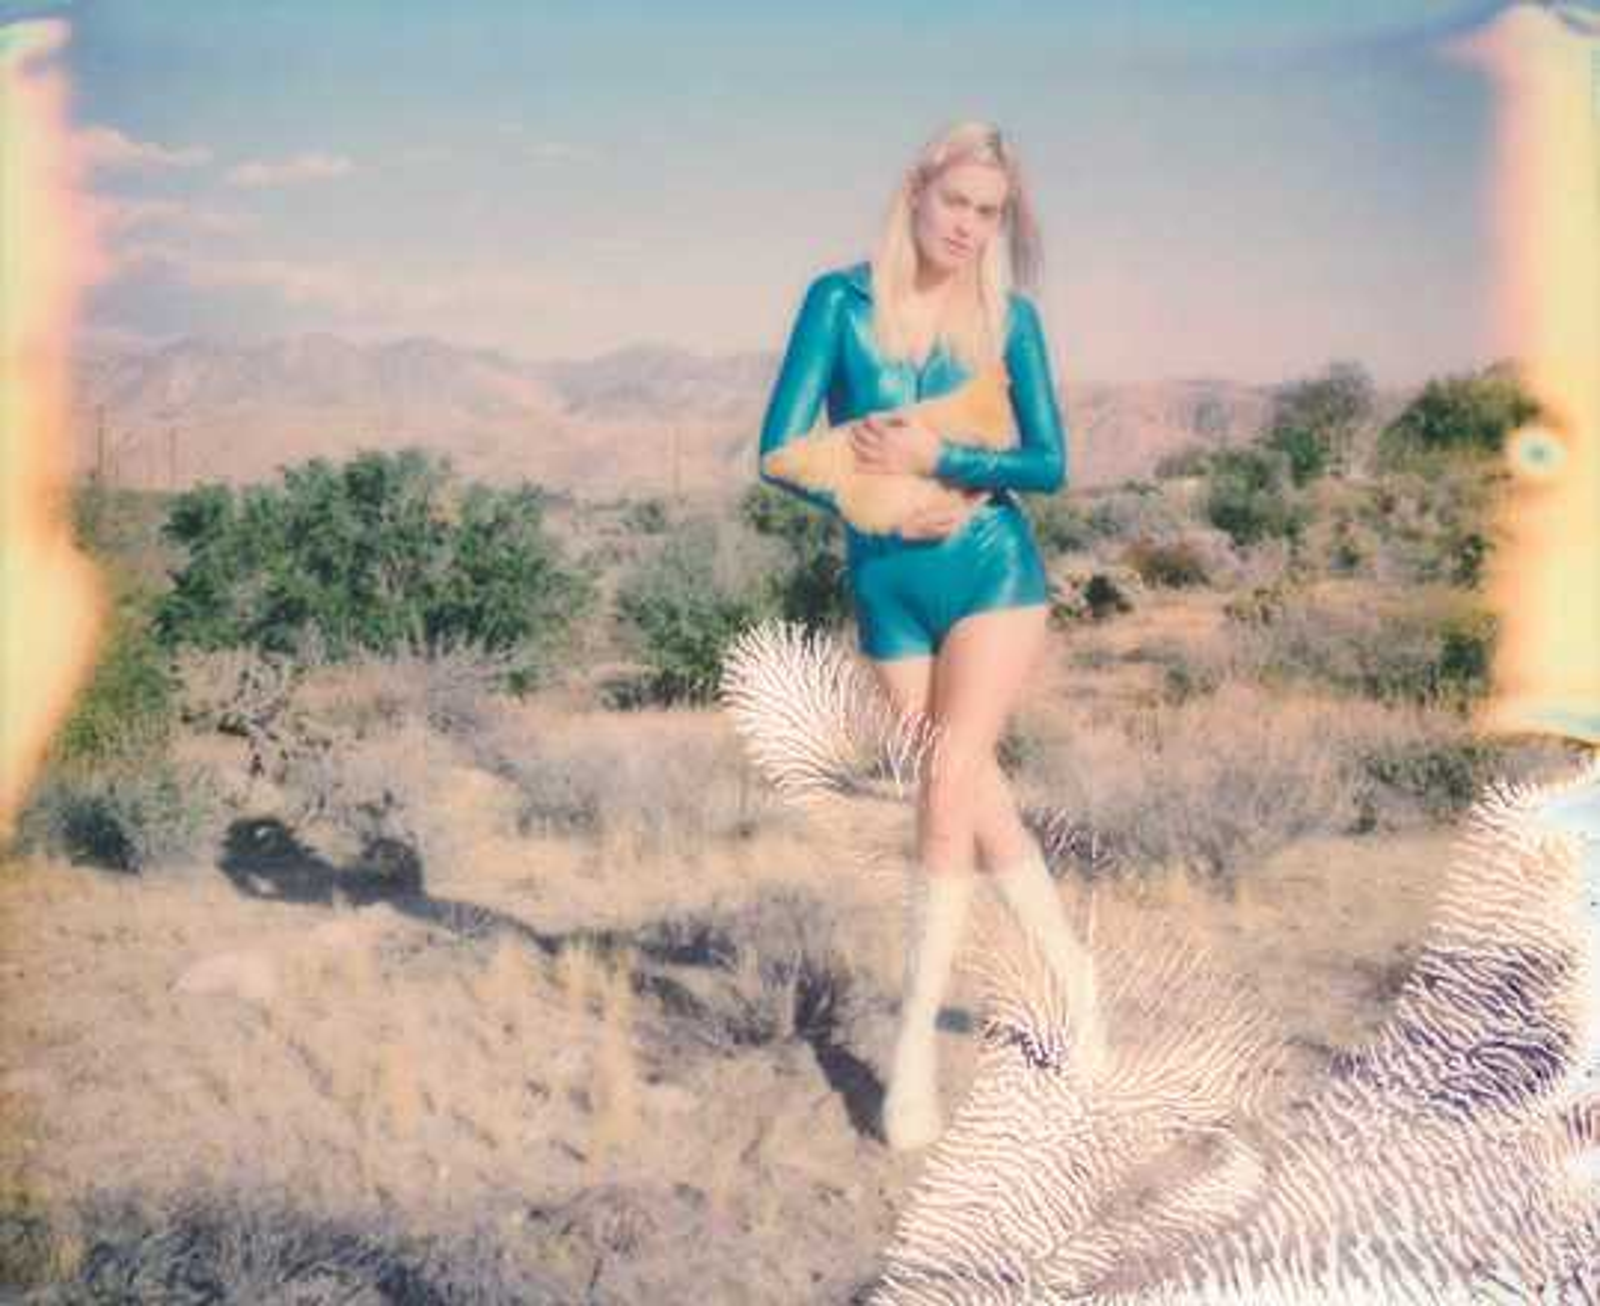 Holding on tight - Stefanie Schneider